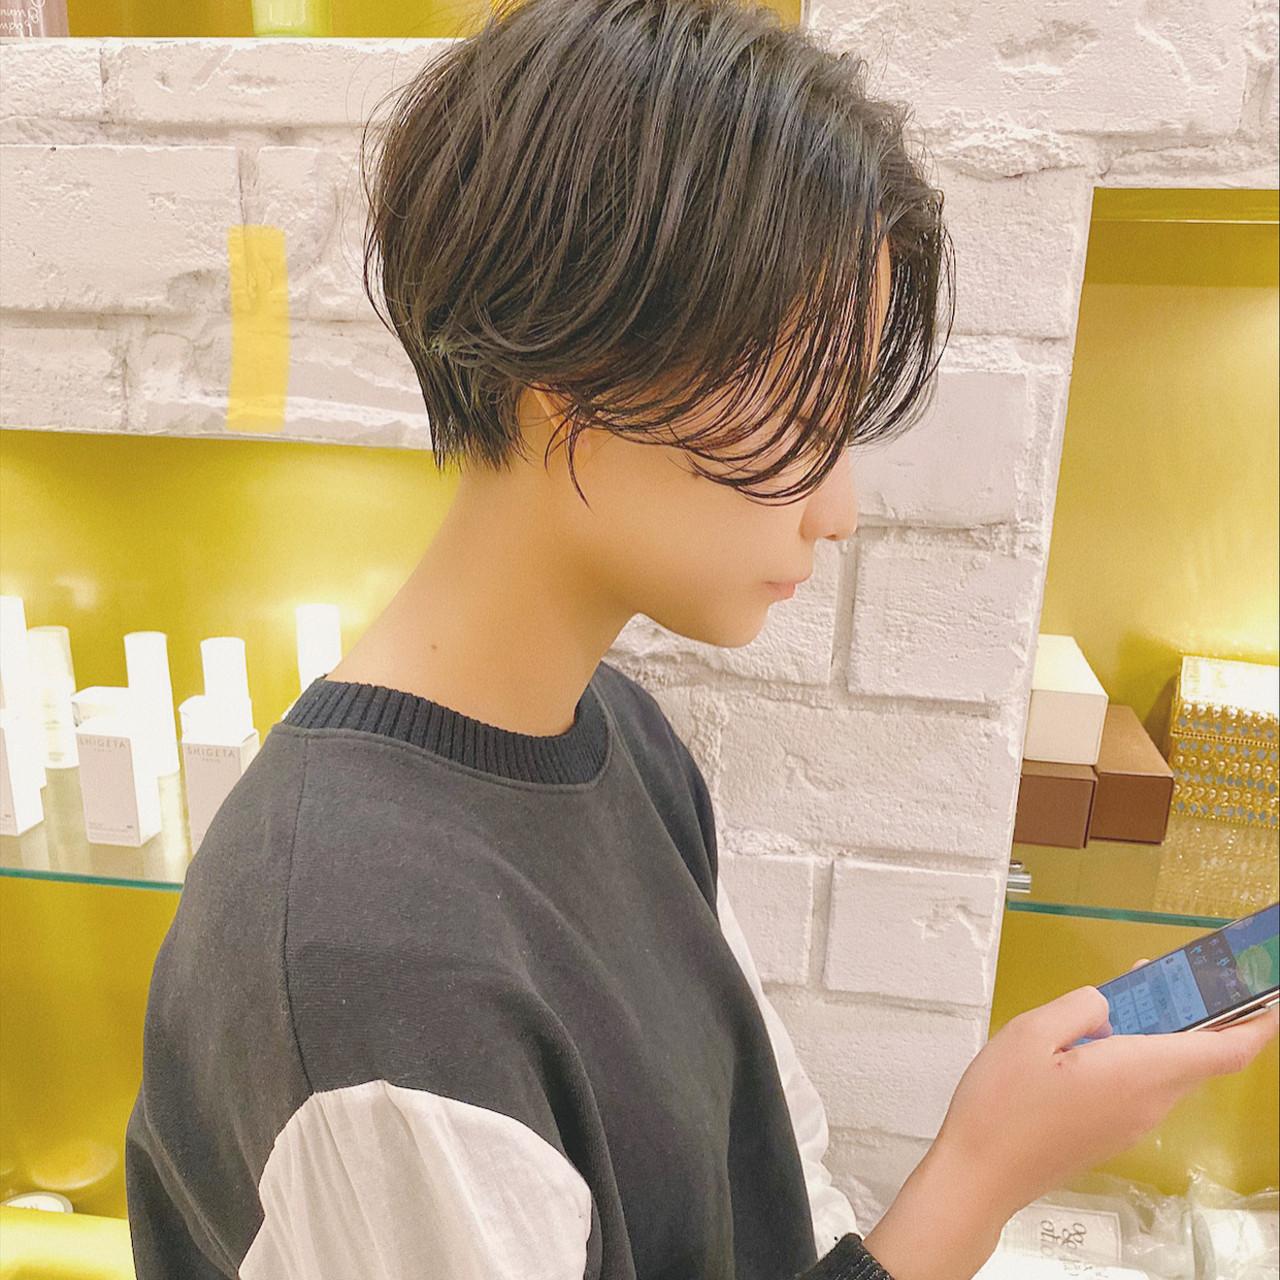 ショートボブ ショート ベリーショート 切りっぱなしボブ ヘアスタイルや髪型の写真・画像 | 河村 博之 名古屋 栄 リュドール栄 / リュドール栄